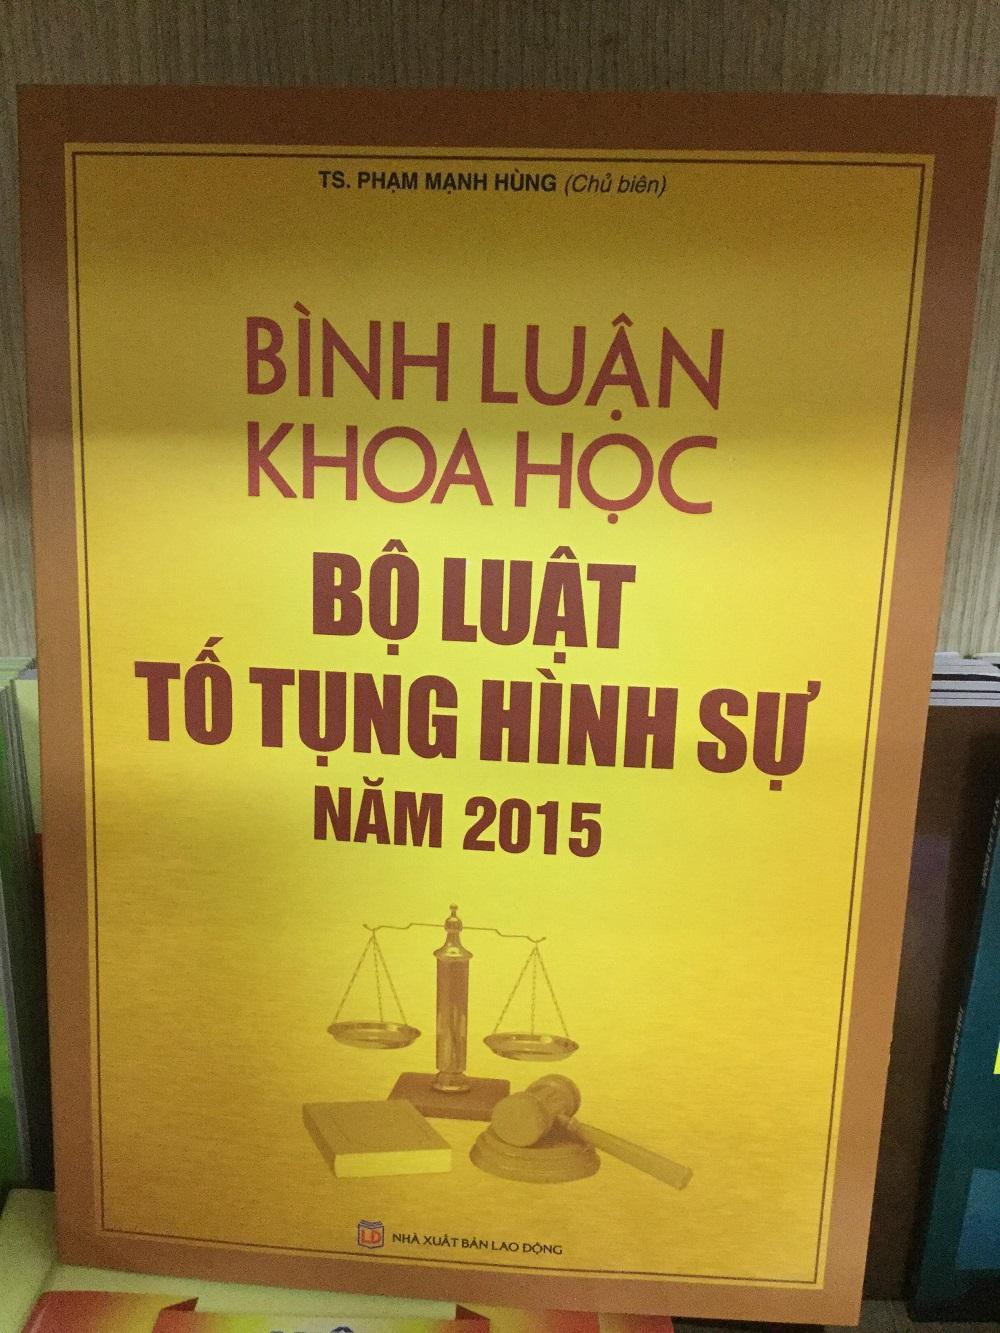 Mua Bình Luận Khoa Học Bộ Luật Hình Sự Năm 2015 - TS. Trần Mạnh Hùng